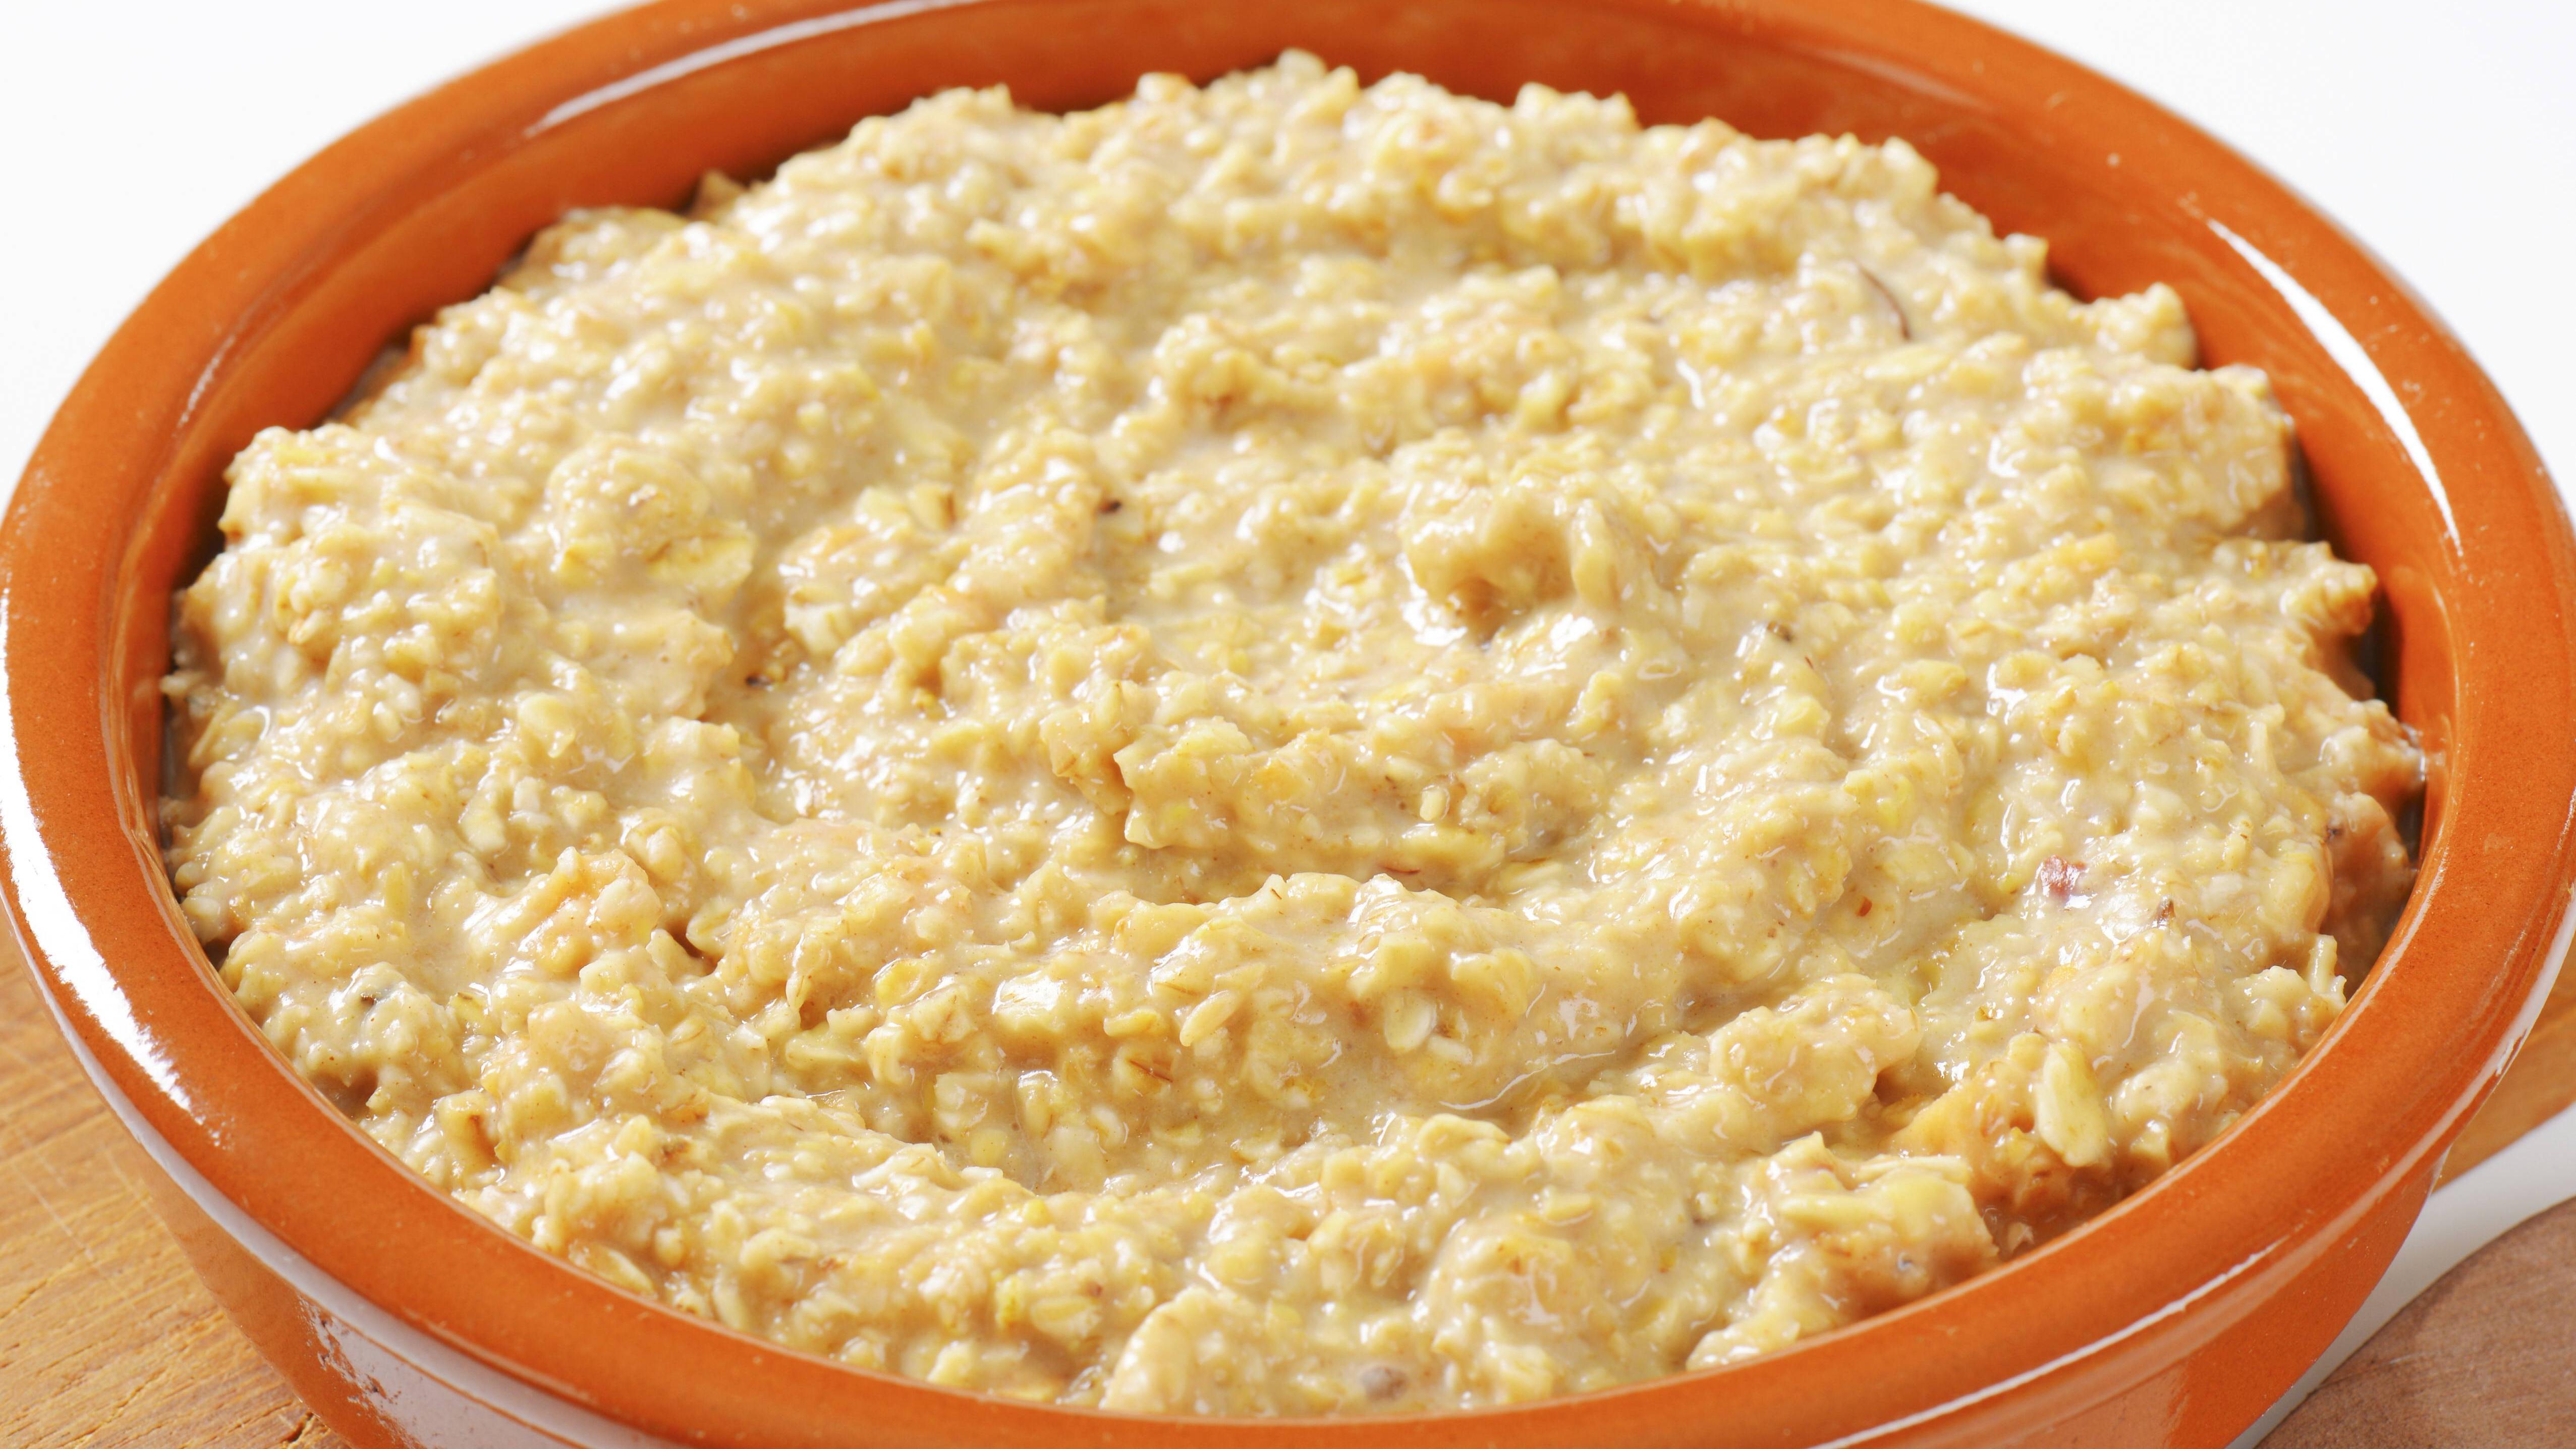 Magenschonend essen: Die besten Tipps und Rezepte für leicht verdauliche Kost